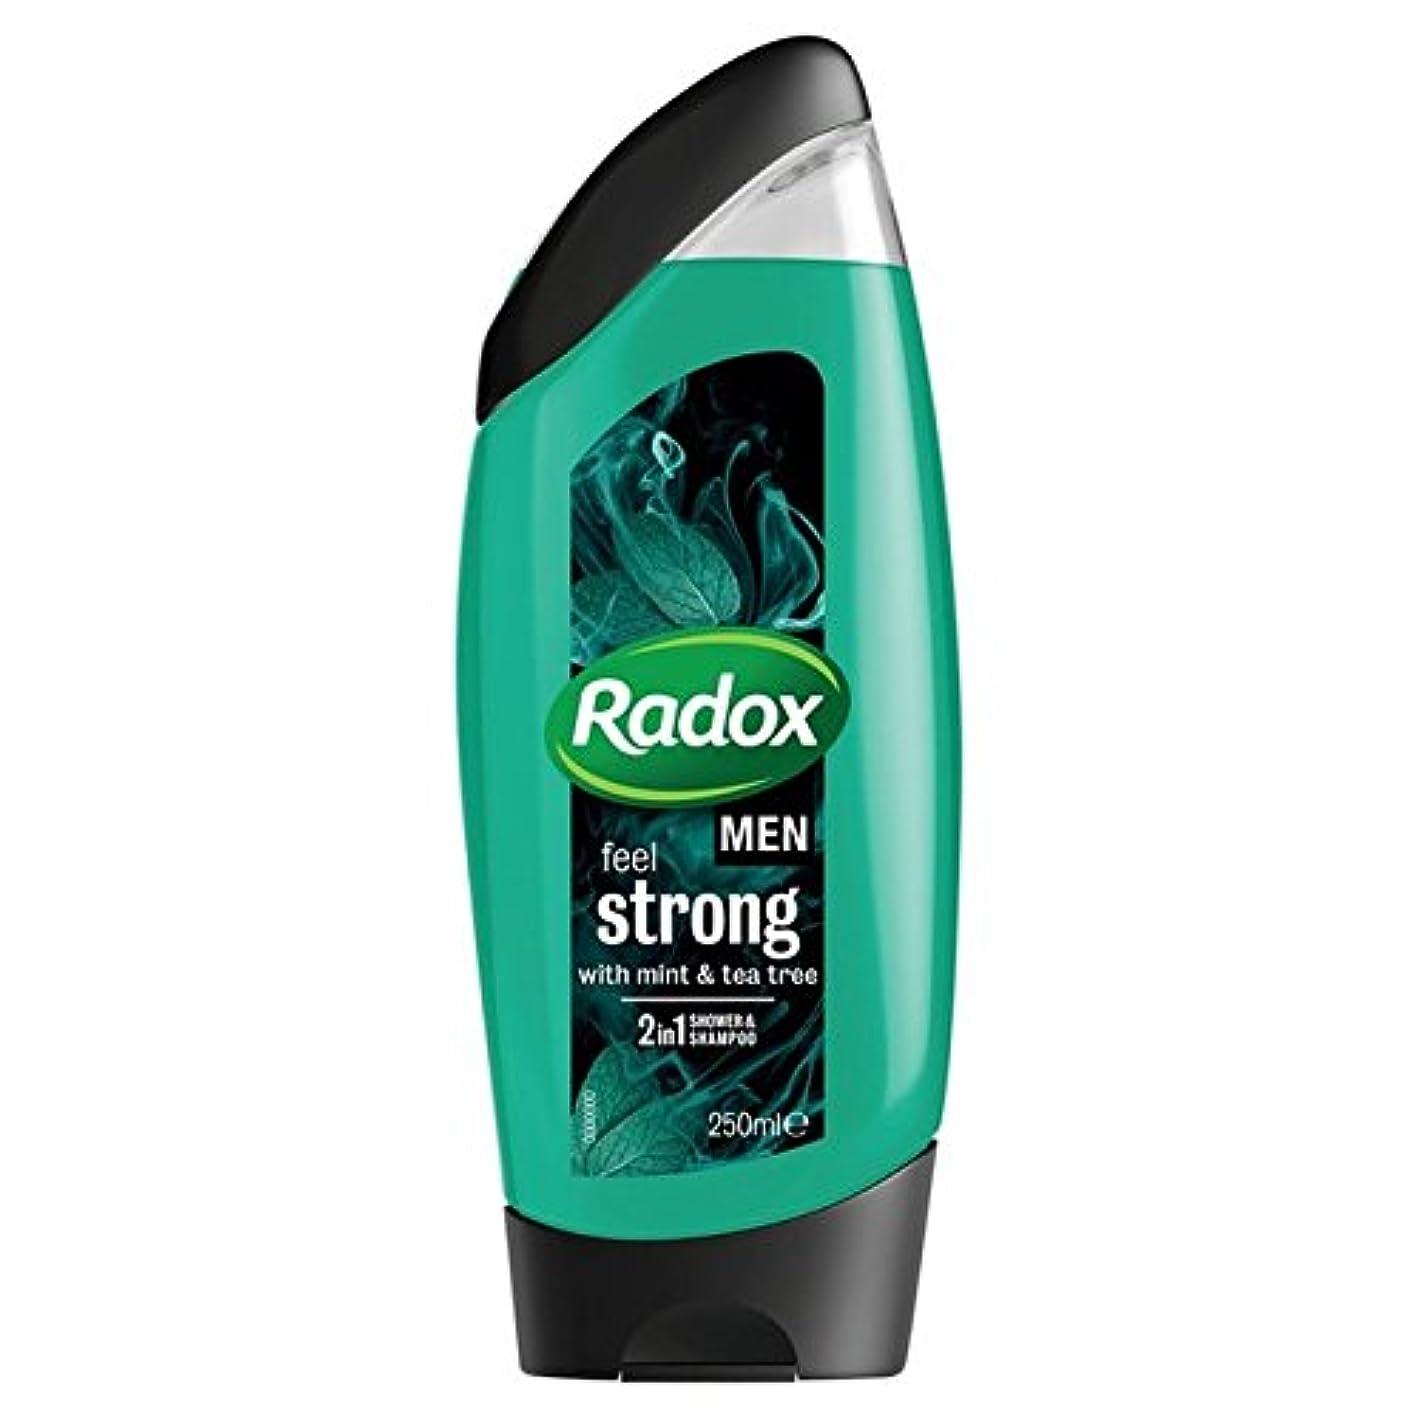 香ばしいバラエティ彼らは男性は、強力なミント&ティーツリーの21のシャワージェル250ミリリットルを感じます x2 - Radox Men Feel Strong Mint & Tea Tree 2in1 Shower Gel 250ml (Pack...